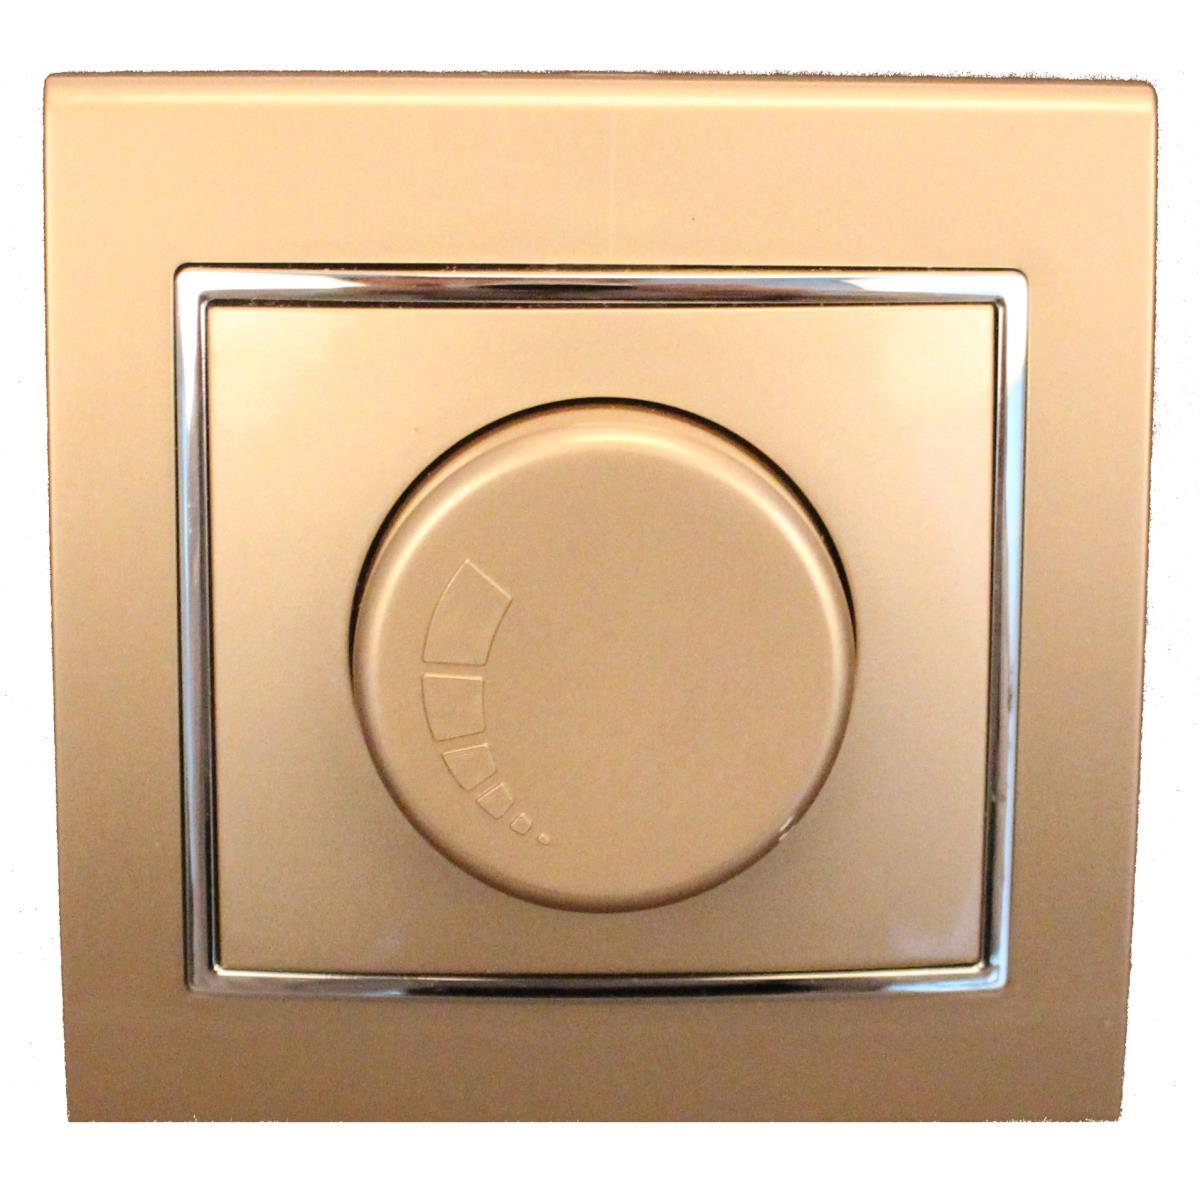 Dimmer Drehdimmer Helligkeitsregler Unterputz 400 W 250 V champagner/silber,OKKO,9209-71-C, 4772013048473